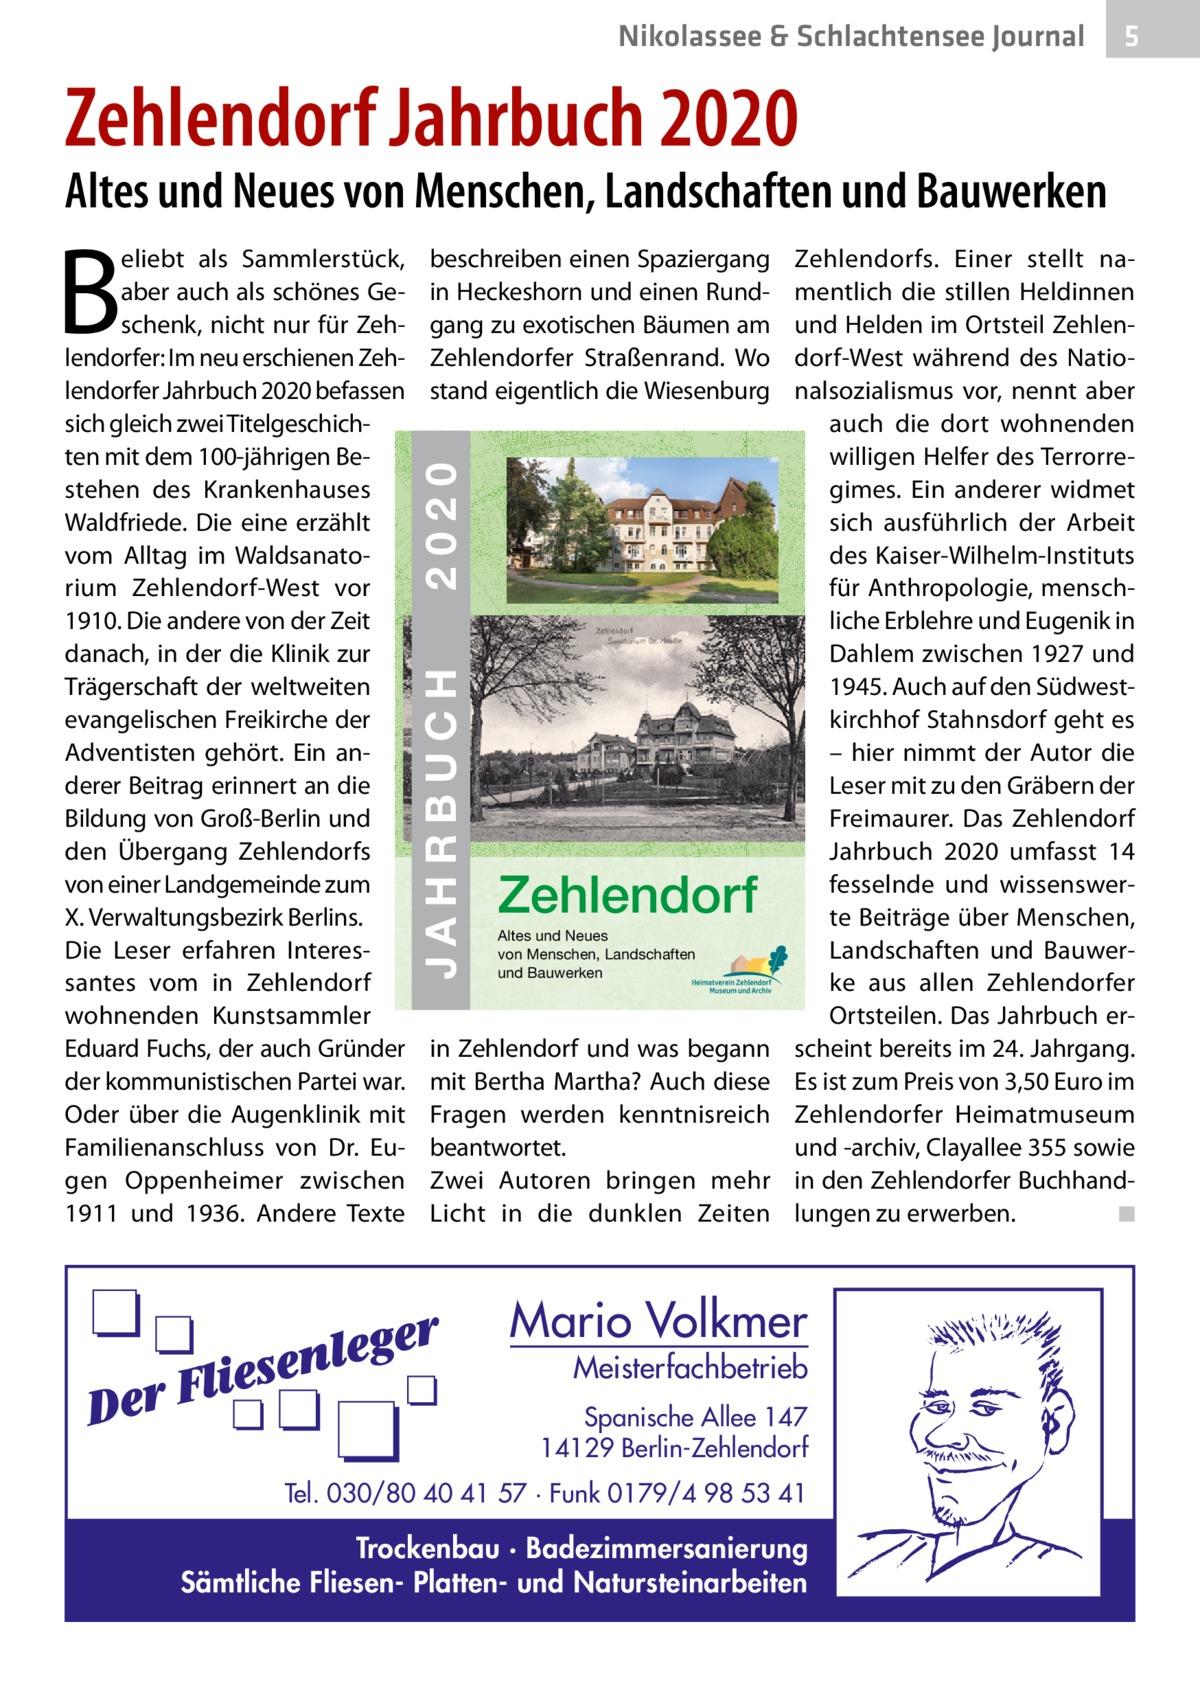 Nikolassee & Schlachtensee Journal  5  Zehlendorf Jahrbuch 2020  Altes und Neues von Menschen, Landschaften und Bauwerken  JAHRBUCH 2020 ZEHLENDORF  2020  ISBN 978-3-9818311-3-9  € 3,50  beschreiben einen Spaziergang in Heckeshorn und einen Rundgang zu exotischen Bäumen am Zehlendorfer Straßenrand. Wo stand eigentlich die Wiesenburg  JAHRBUCH  B  eliebt als Sammlerstück, aber auch als schönes Geschenk, nicht nur für Zehlendorfer: Im neu erschienen Zehlendorfer Jahrbuch 2020 befassen sich gleich zwei Titelgeschichten mit dem 100-jährigen Be- 24 stehen des Krankenhauses Waldfriede. Die eine erzählt vom Alltag im Waldsanatorium Zehlendorf-West vor 1910. Die andere von der Zeit danach, in der die Klinik zur Trägerschaft der weltweiten evangelischen Freikirche der Adventisten gehört. Ein anderer Beitrag erinnert an die Bildung von Groß-Berlin und den Übergang Zehlendorfs von einer Landgemeinde zum X. Verwaltungsbezirk Berlins. Die Leser erfahren Interessantes vom in Zehlendorf wohnenden Kunstsammler Eduard Fuchs, der auch Gründer der kommunistischen Partei war. Oder über die Augenklinik mit Familienanschluss von Dr. Eugen Oppenheimer zwischen 1911 und 1936. Andere Texte  Zehlendorf Altes und Neues von Menschen, Landschaften und Bauwerken  in Zehlendorf und was begann mit Bertha Martha? Auch diese Fragen werden kenntnisreich beantwortet. Zwei Autoren bringen mehr Licht in die dunklen Zeiten  Zehlendorfs. Einer stellt namentlich die stillen Heldinnen und Helden im Ortsteil Zehlendorf-West während des Nationalsozialismus vor, nennt aber auch die dort wohnenden willigen Helfer des Terrorregimes. Ein anderer widmet sich ausführlich der Arbeit des Kaiser-Wilhelm-Instituts für Anthropologie, menschliche Erblehre und Eugenik in Dahlem zwischen 1927 und 1945. Auch auf den Südwestkirchhof Stahnsdorf geht es – hier nimmt der Autor die Leser mit zu den Gräbern der Freimaurer. Das Zehlendorf Jahrbuch 2020 umfasst 14 fesselnde und wissenswerte Beiträge über Menschen, Landschaften und 